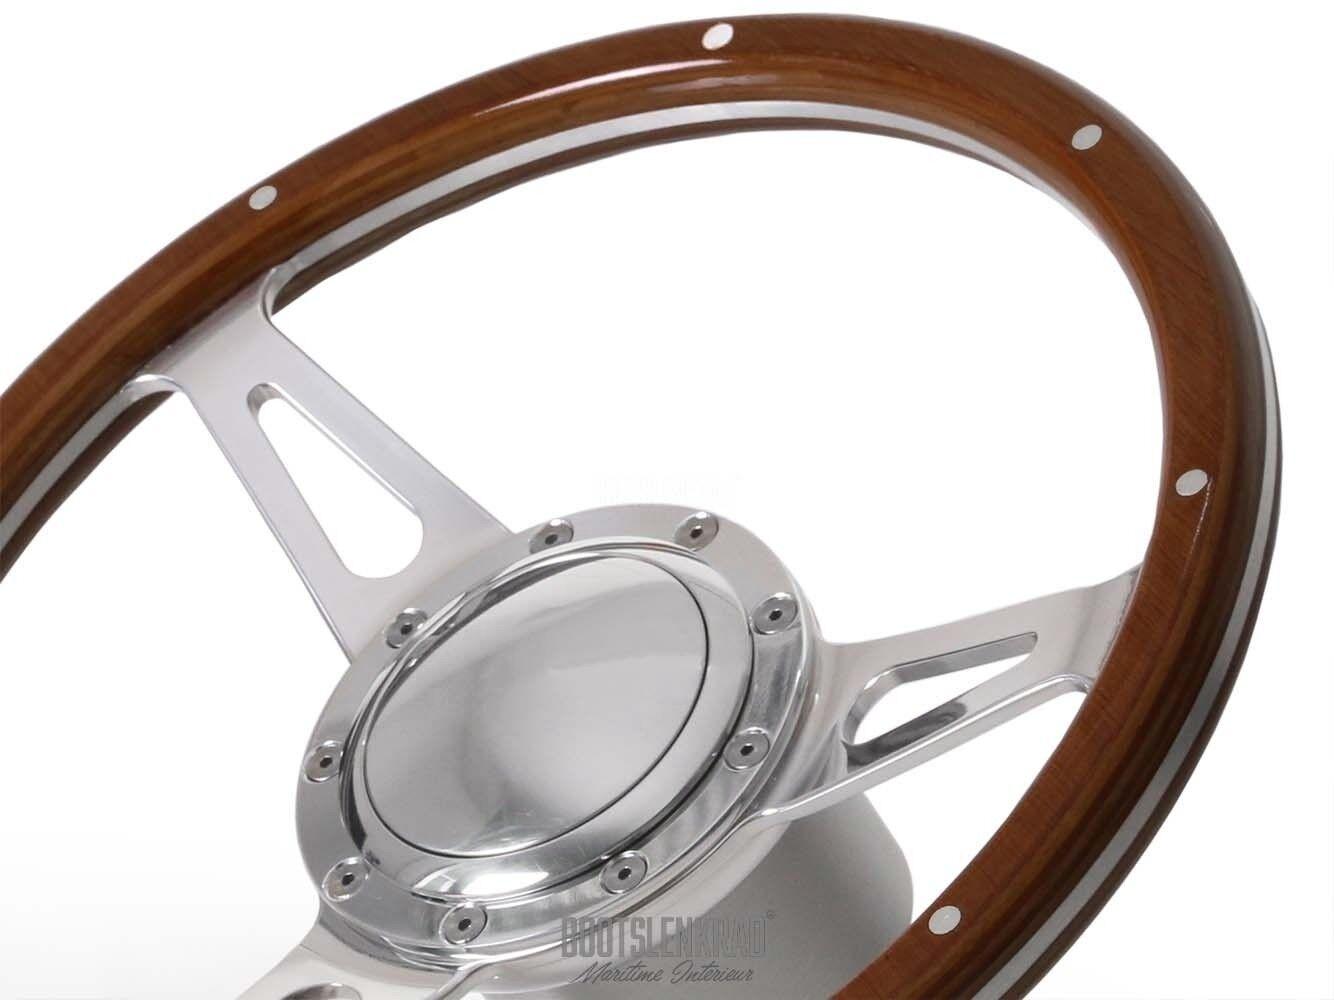 Premium Stiefellenkrad novum für Stiefele mit mit Stiefele Teleflex Ultraflex Lenkung 50533000 8d2765